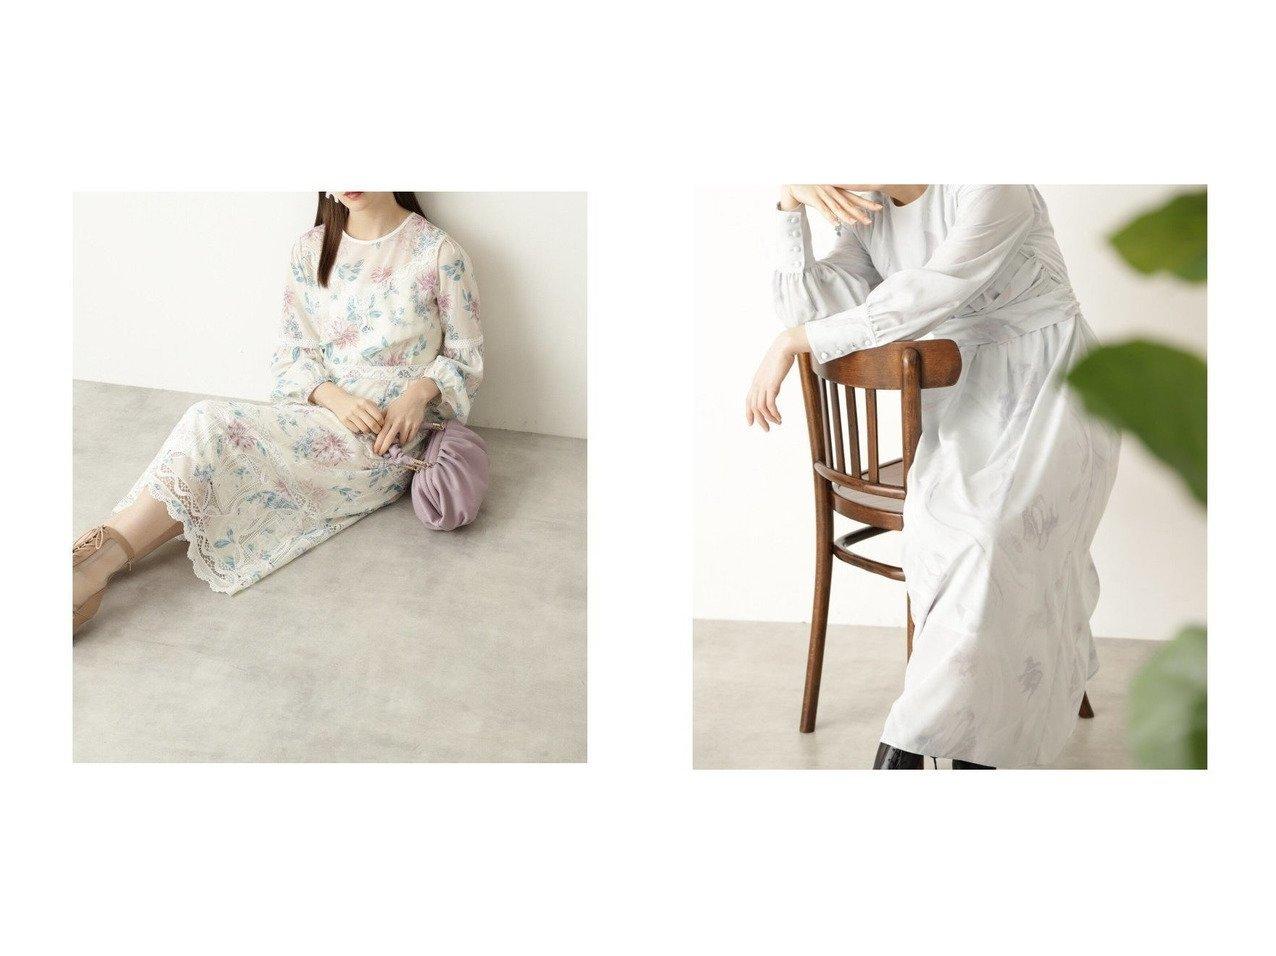 【JILLSTUART/ジルスチュアート】のアンディフラワーブラウス&ベラマーブルワンピース JILLSTUARTのおすすめ!人気、トレンド・レディースファッションの通販  おすすめで人気の流行・トレンド、ファッションの通販商品 メンズファッション・キッズファッション・インテリア・家具・レディースファッション・服の通販 founy(ファニー) https://founy.com/ ファッション Fashion レディースファッション WOMEN ワンピース Dress NEW・新作・新着・新入荷 New Arrivals シフォン フラワー プリント レース 再入荷 Restock/Back in Stock/Re Arrival 春 Spring シャーリング トレンド マーブル |ID:crp329100000017803